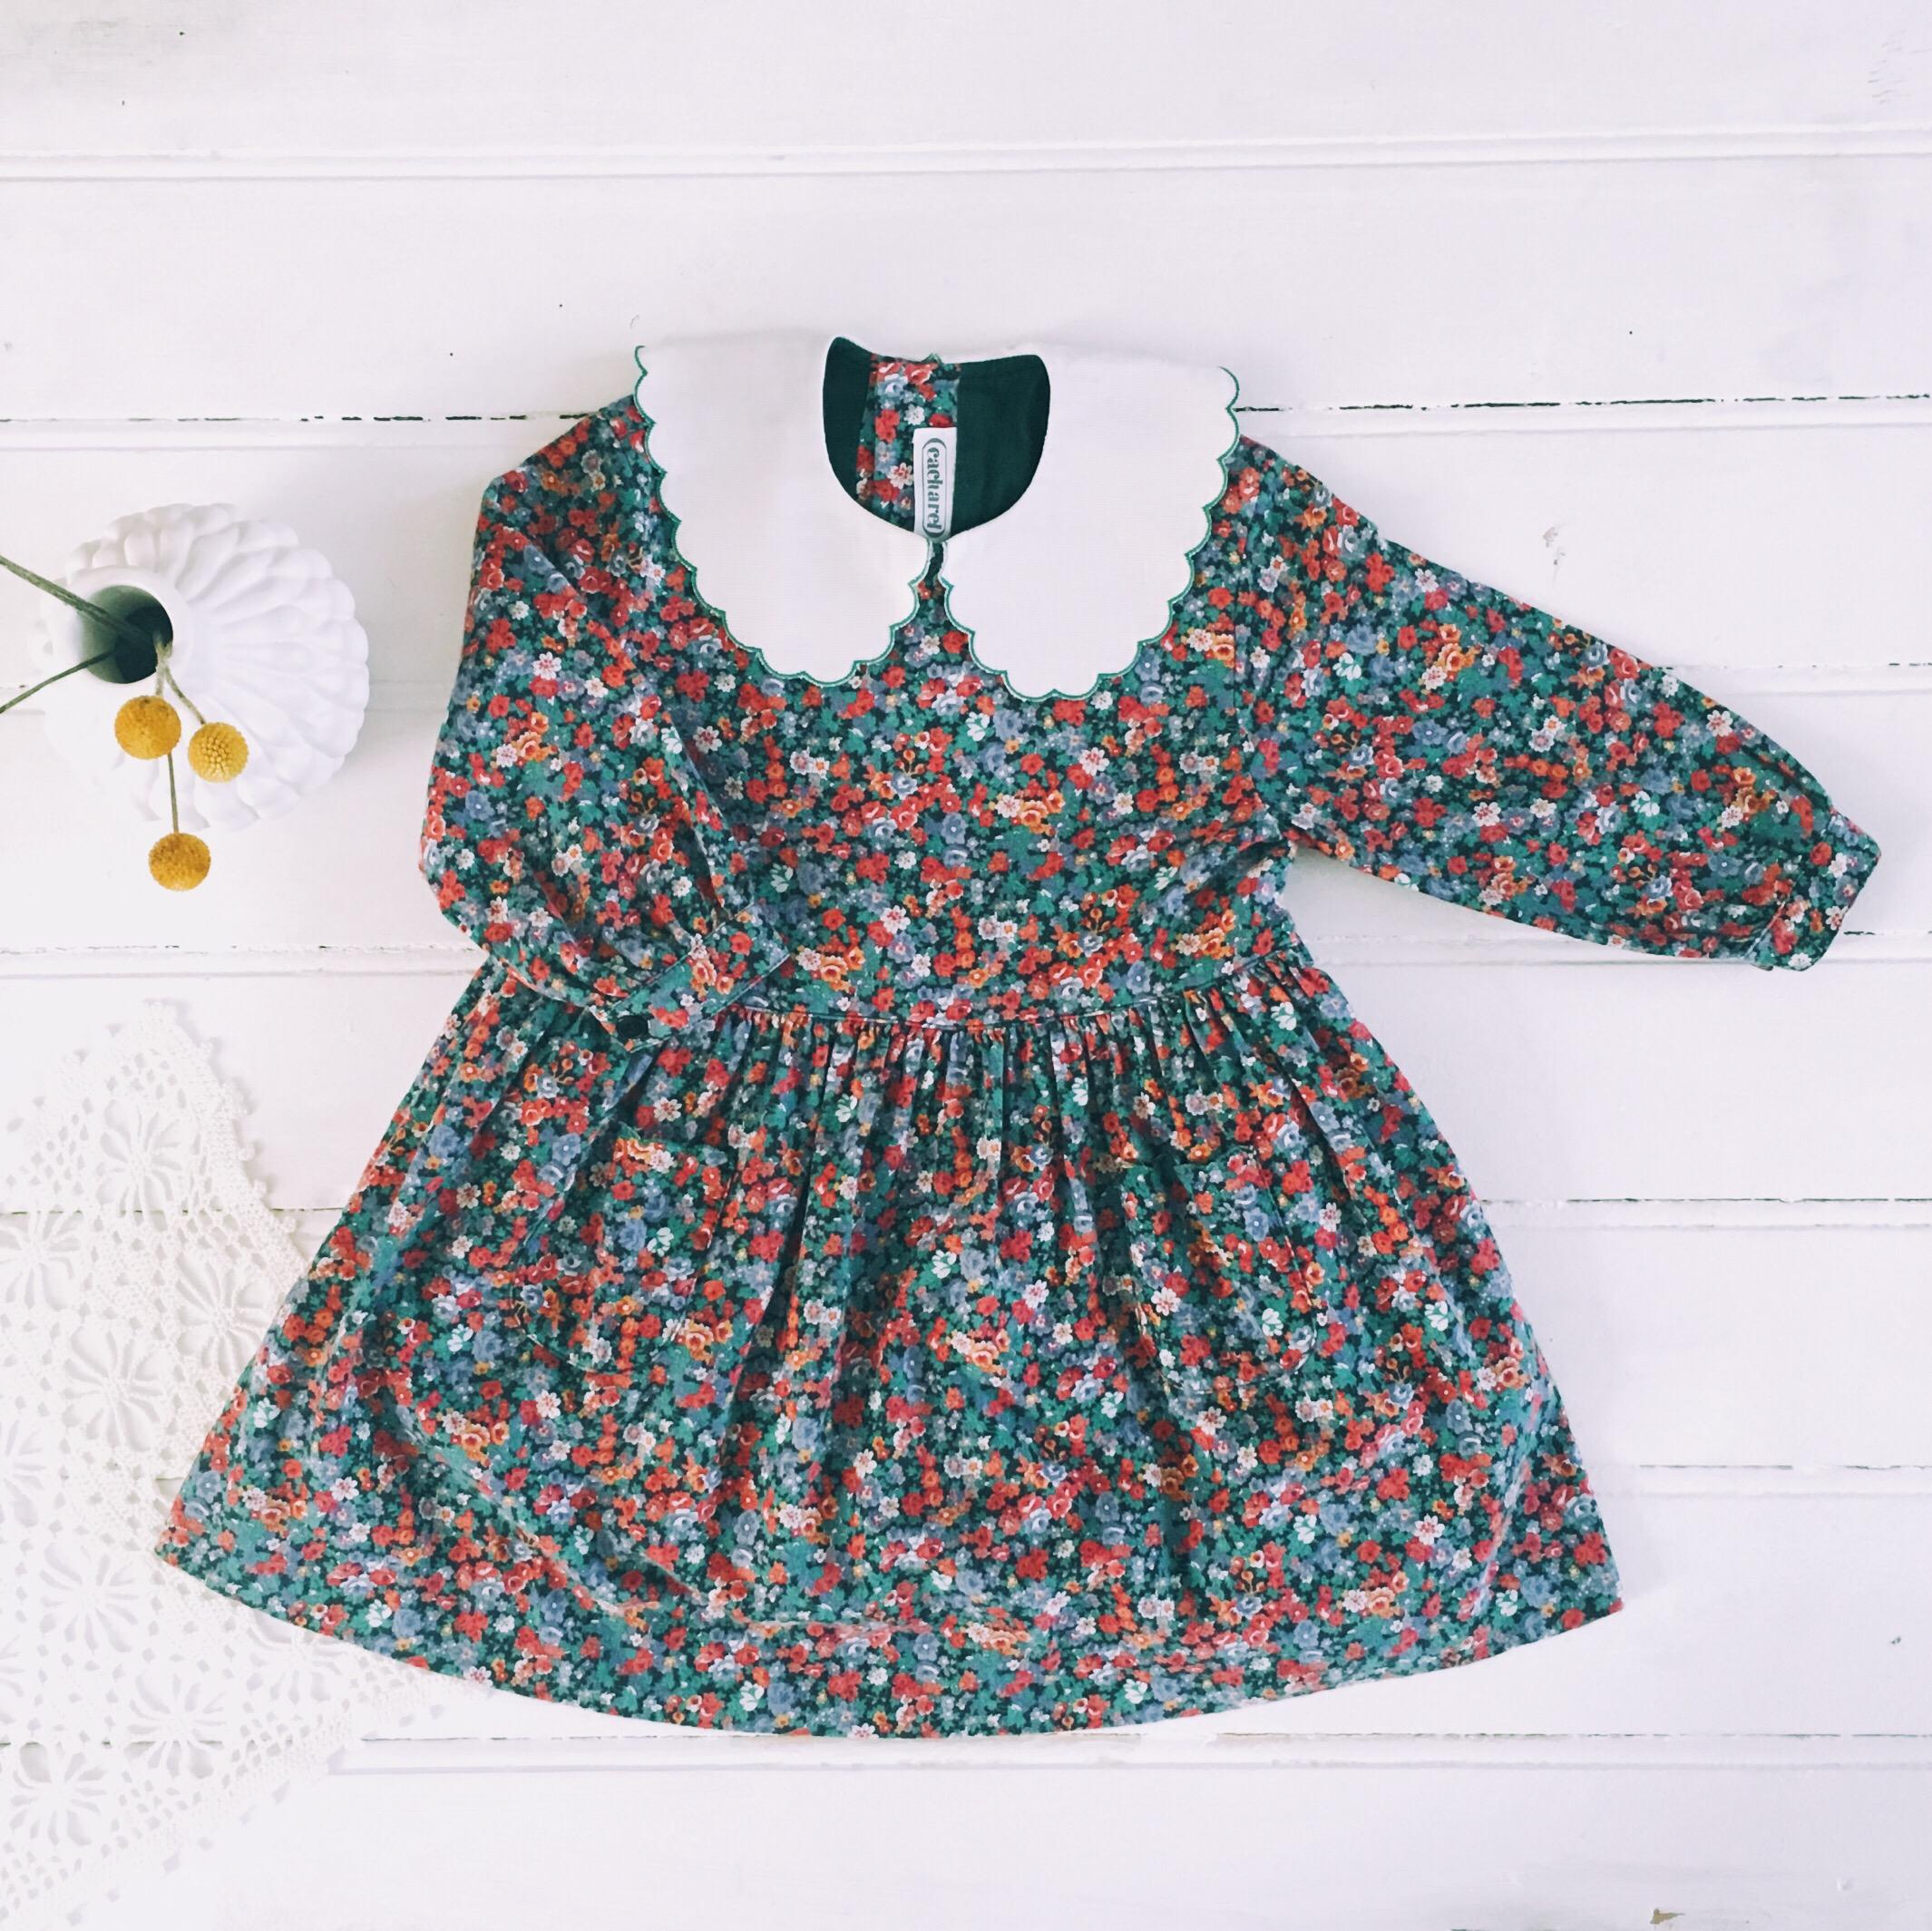 Une robe cacharel vintage chinée chez Emmaus